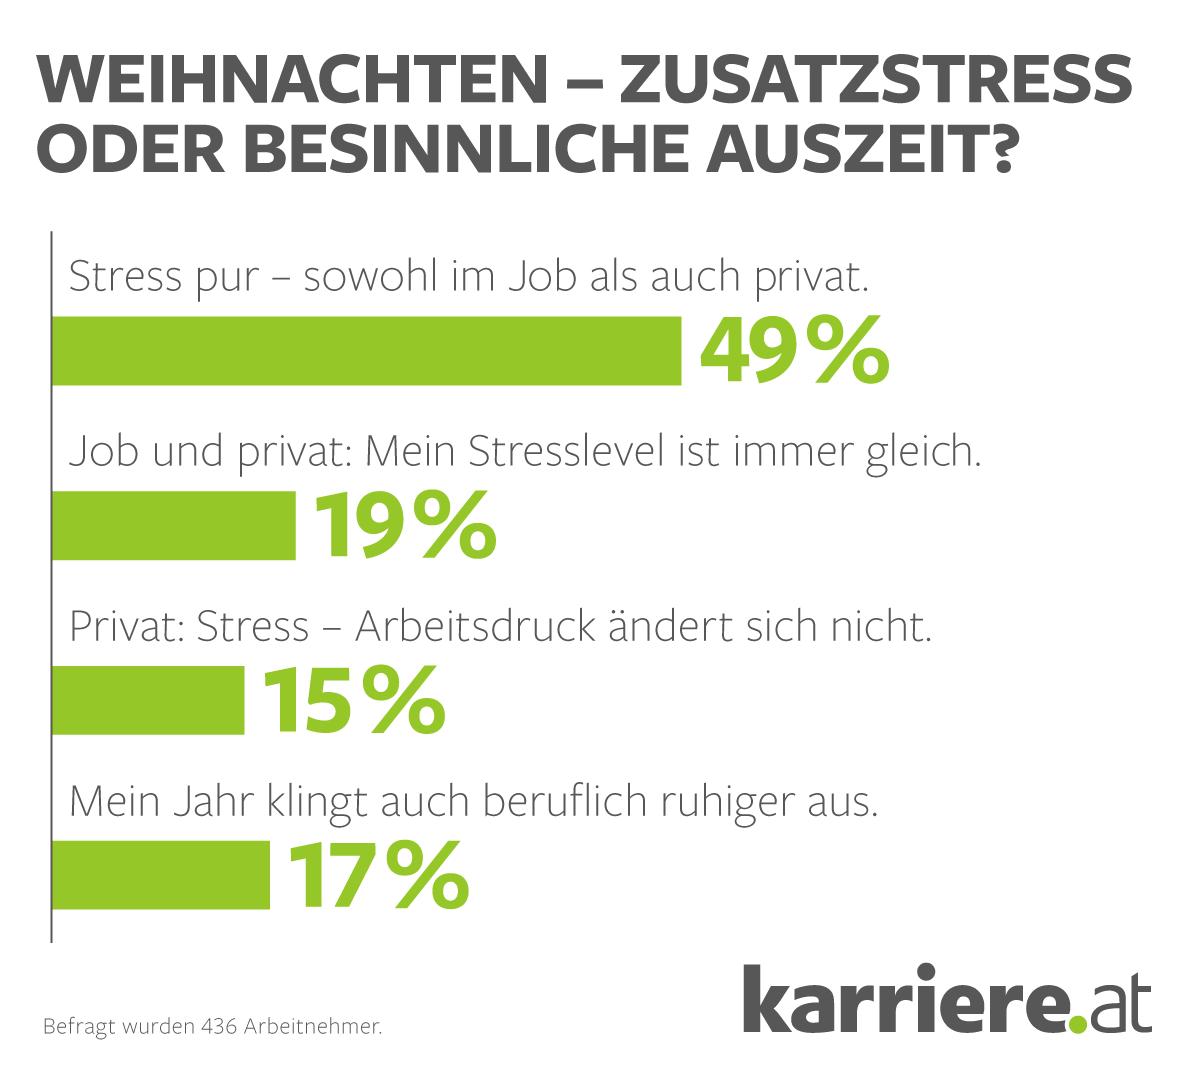 Umfrage zu Stress vor Weinachten und Doppelbelastung in der besinnlichen Adventszeit (c) karriere.at